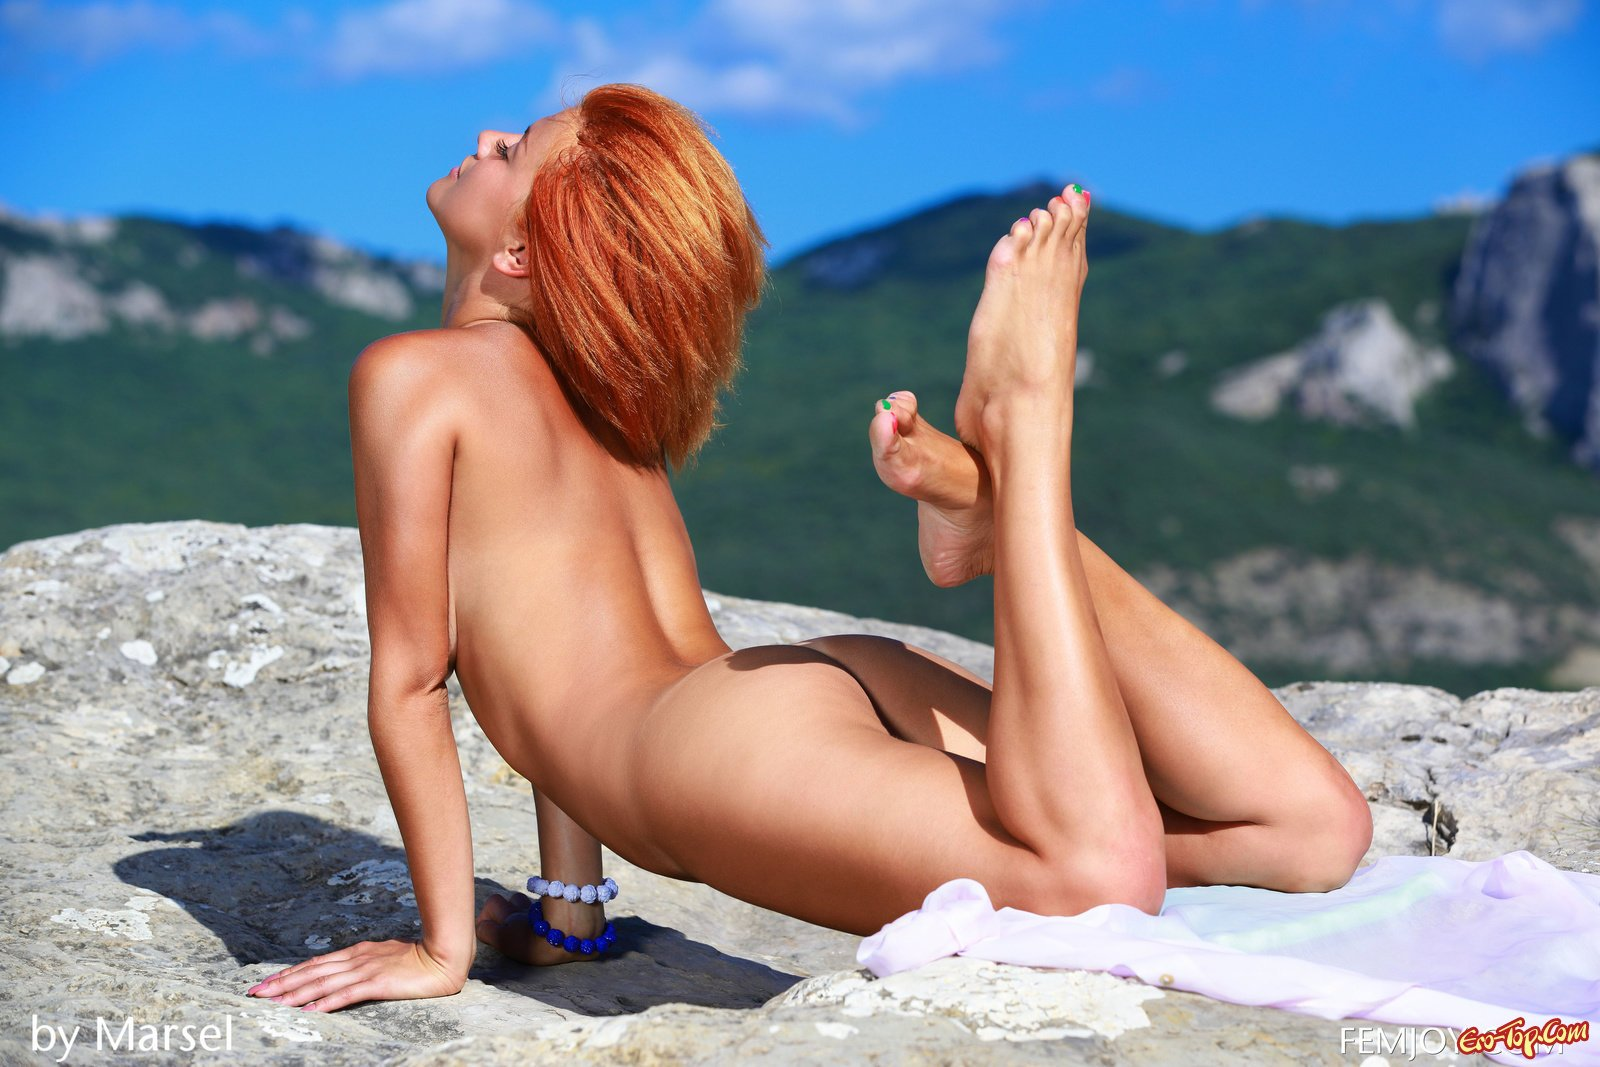 Рыжая милашка сфотографировала себя голой в горах